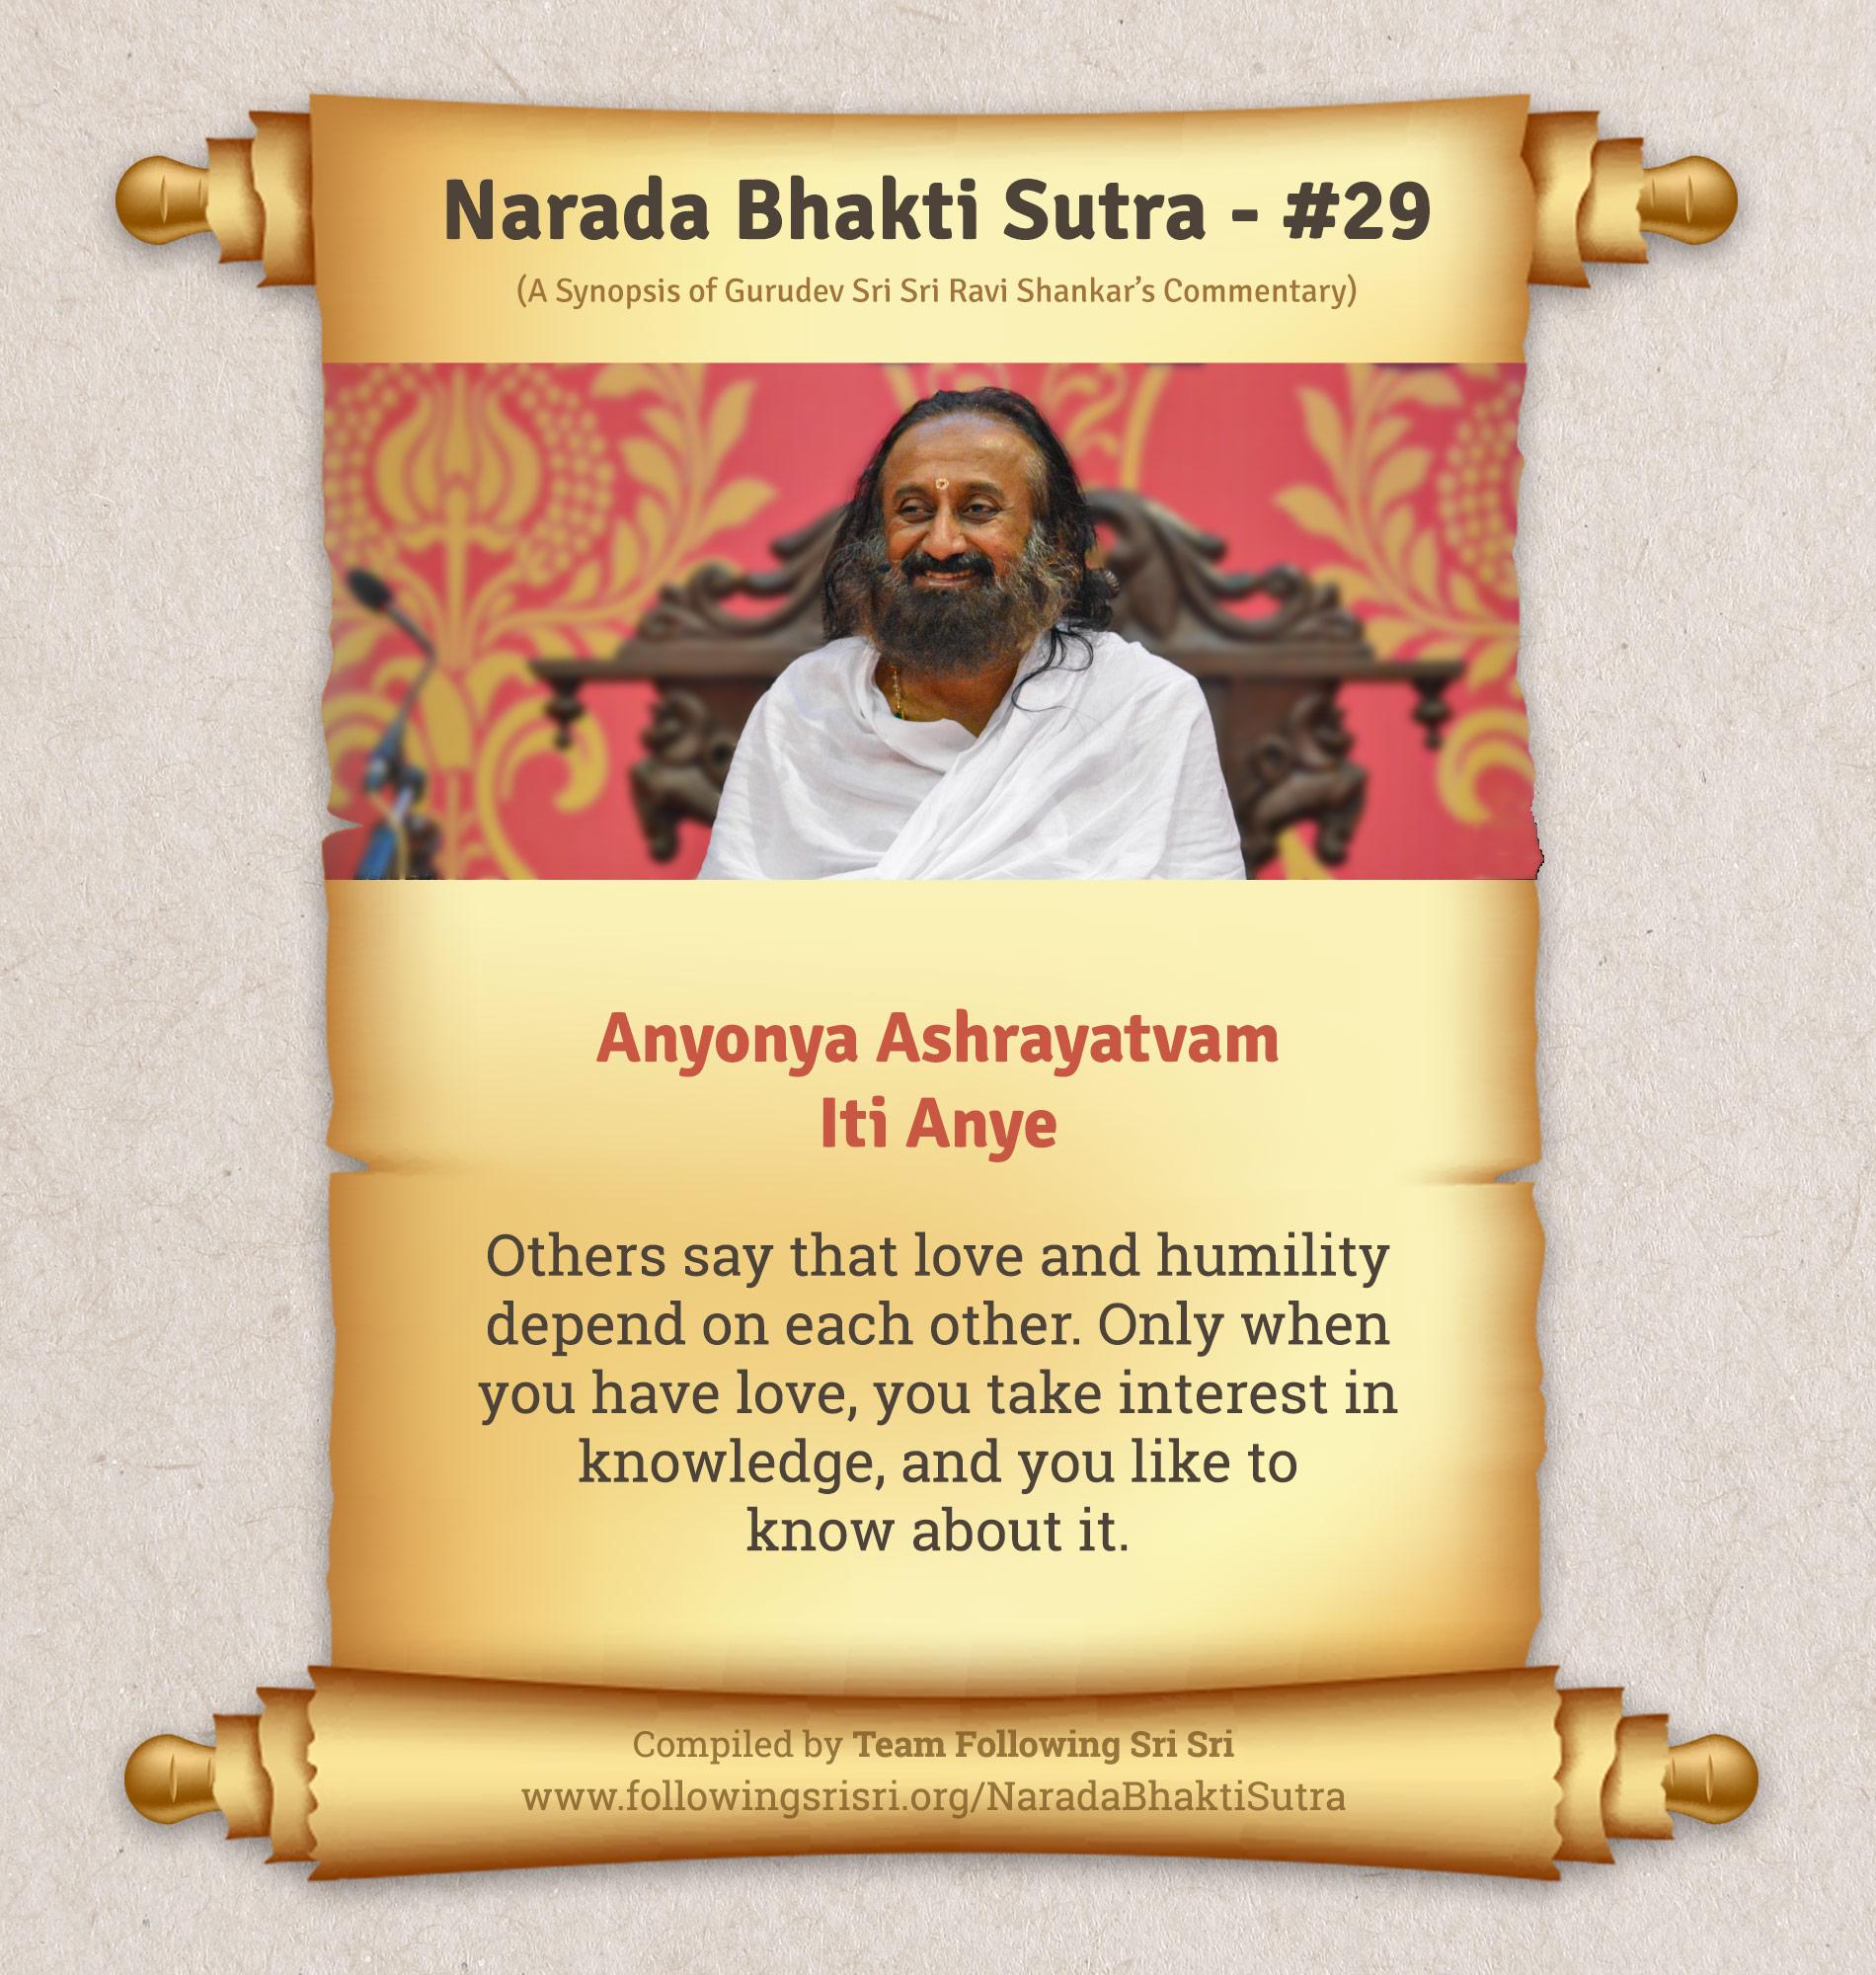 Narada Bhakti Sutras - Sutra 29